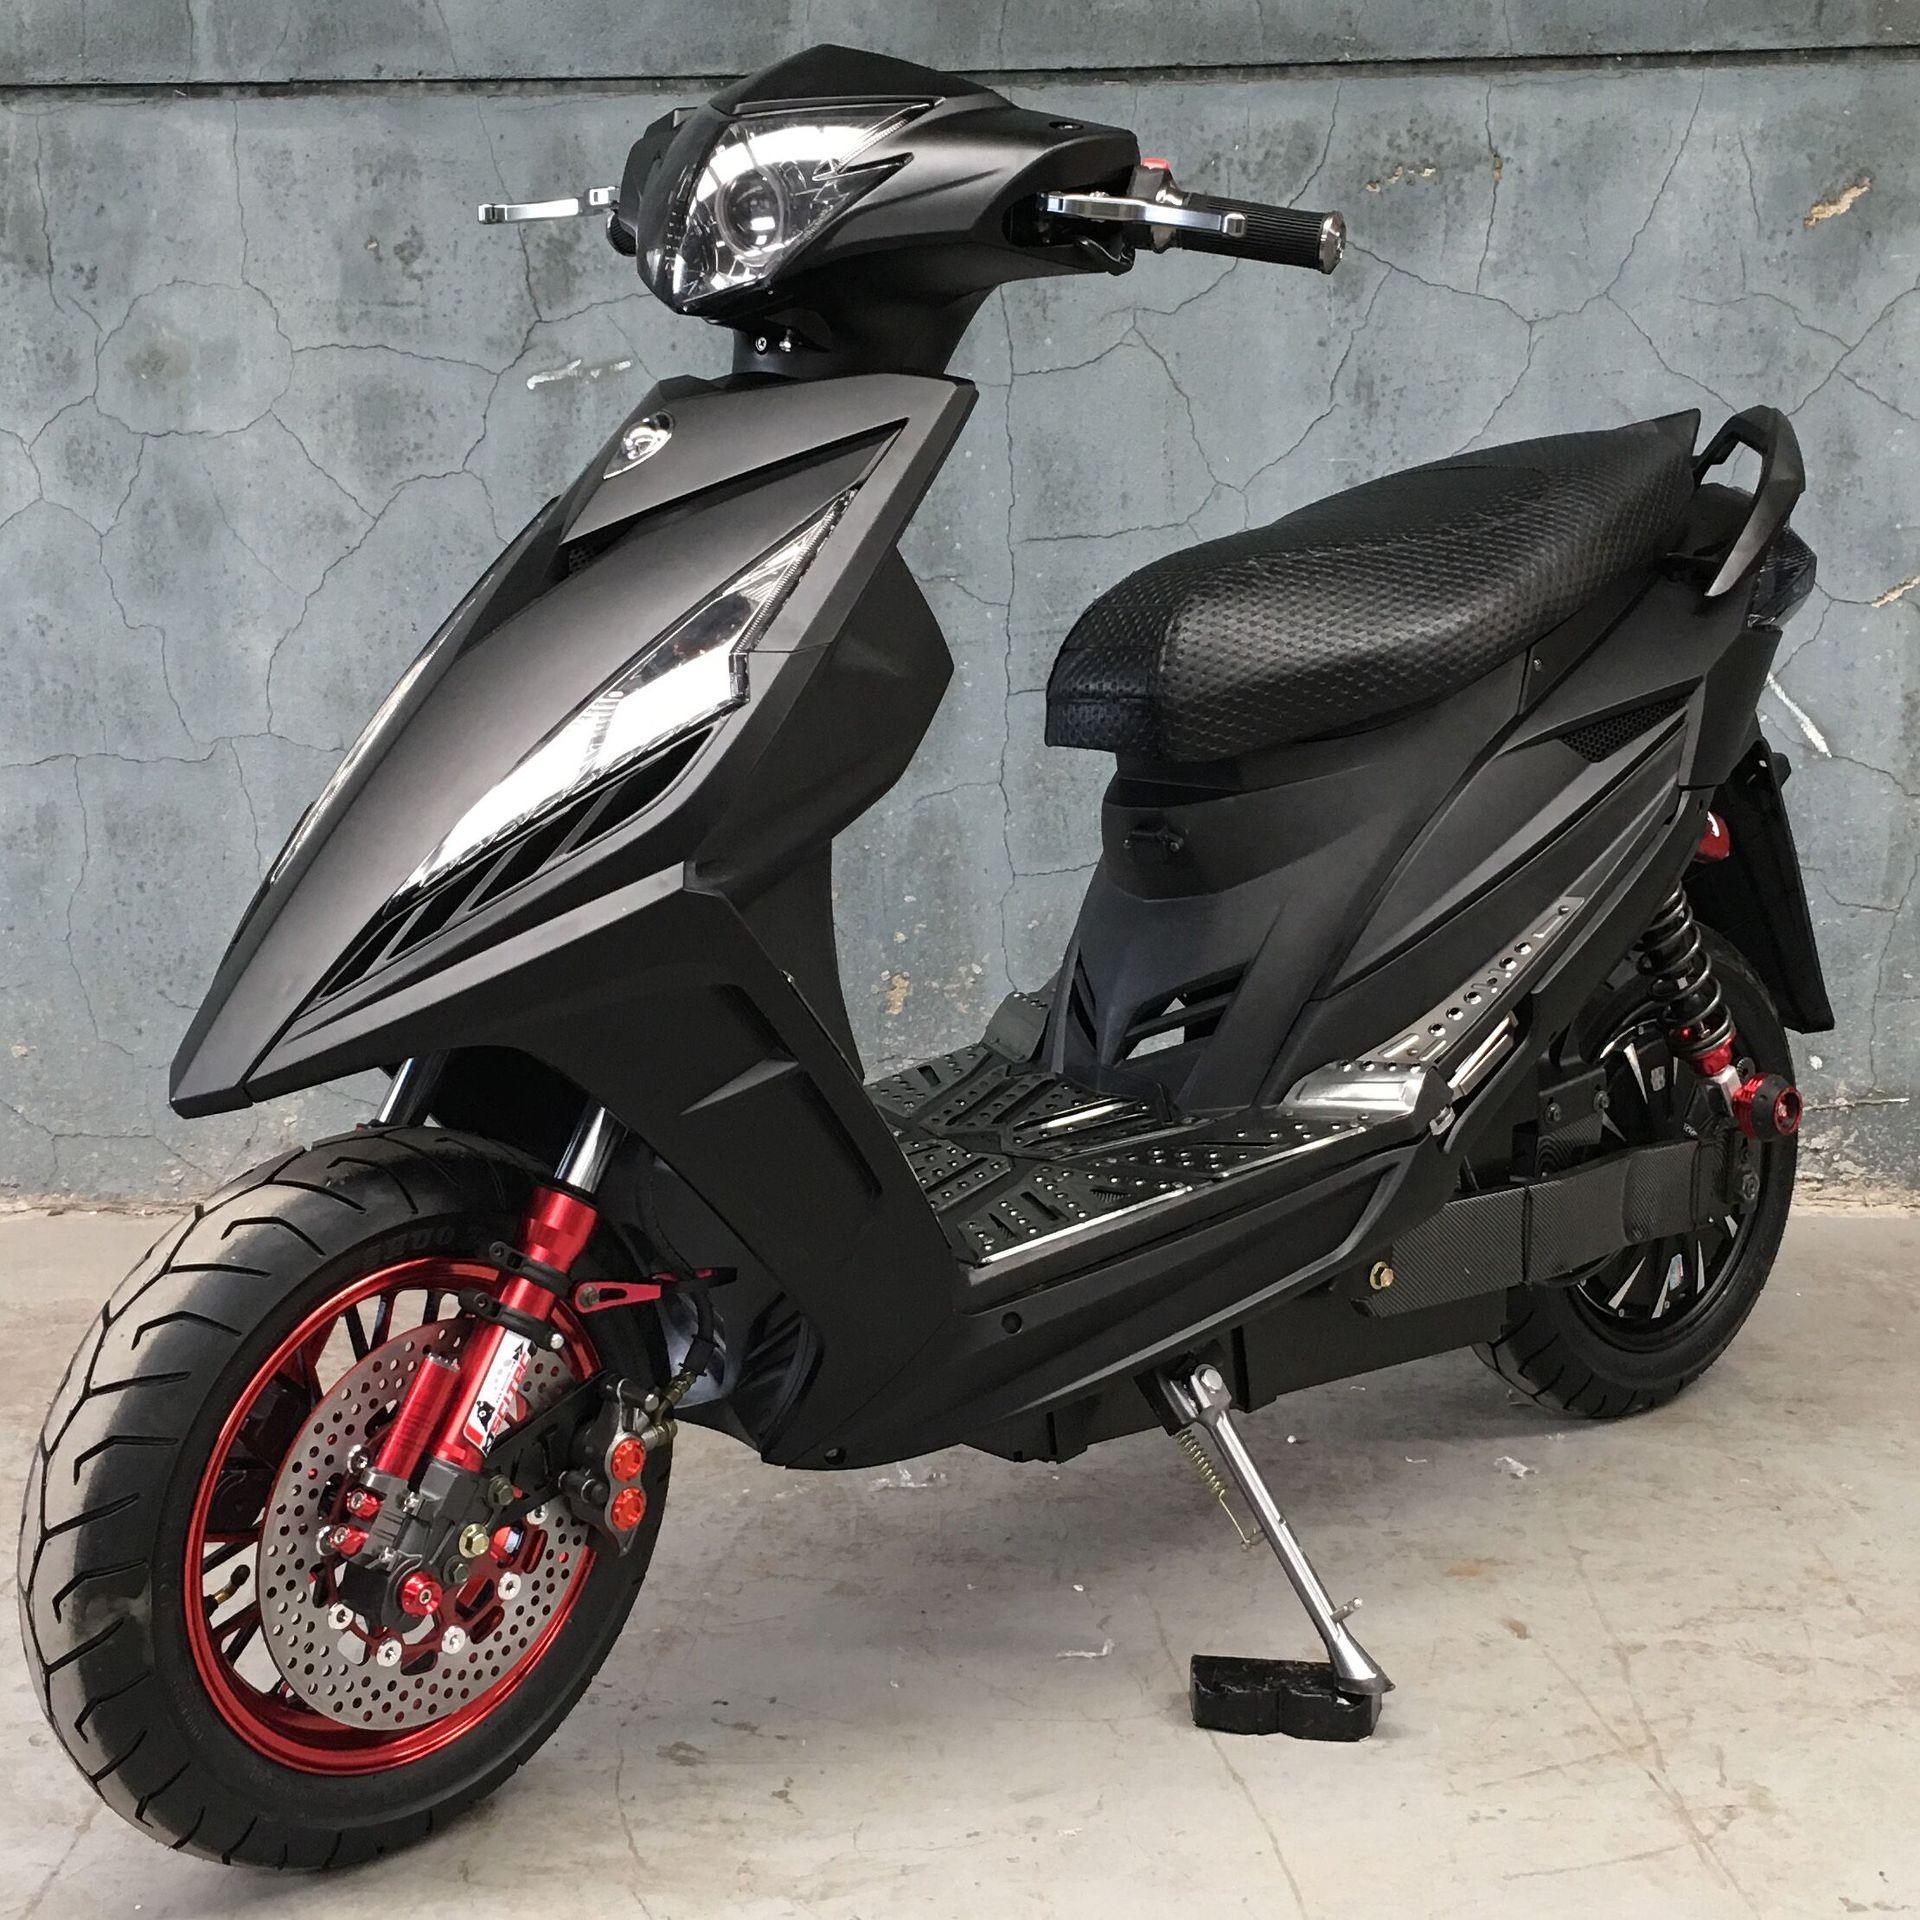 xe máy điện kiểu Tay ga 144 tốc độ.